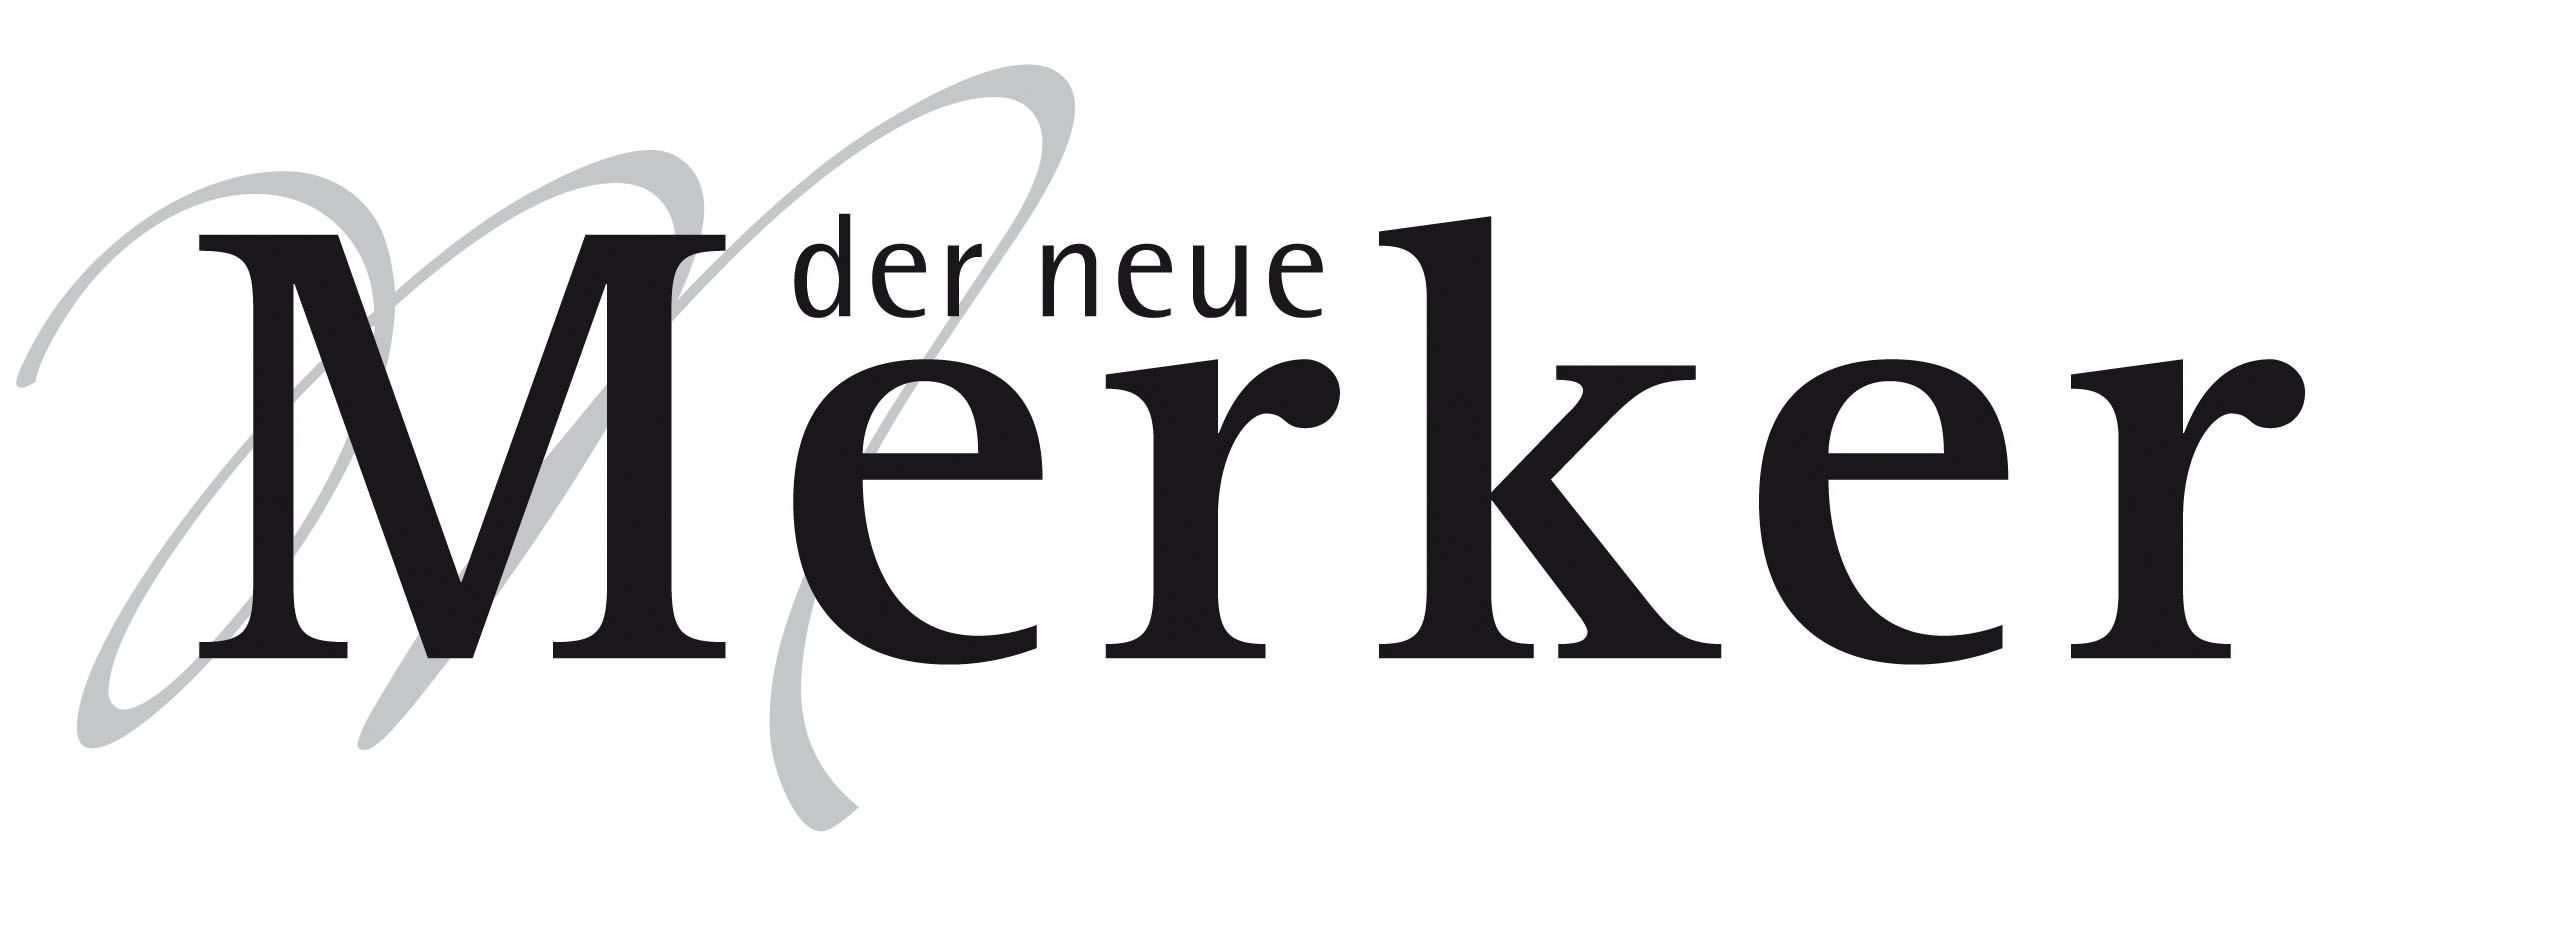 derneuemerker logo